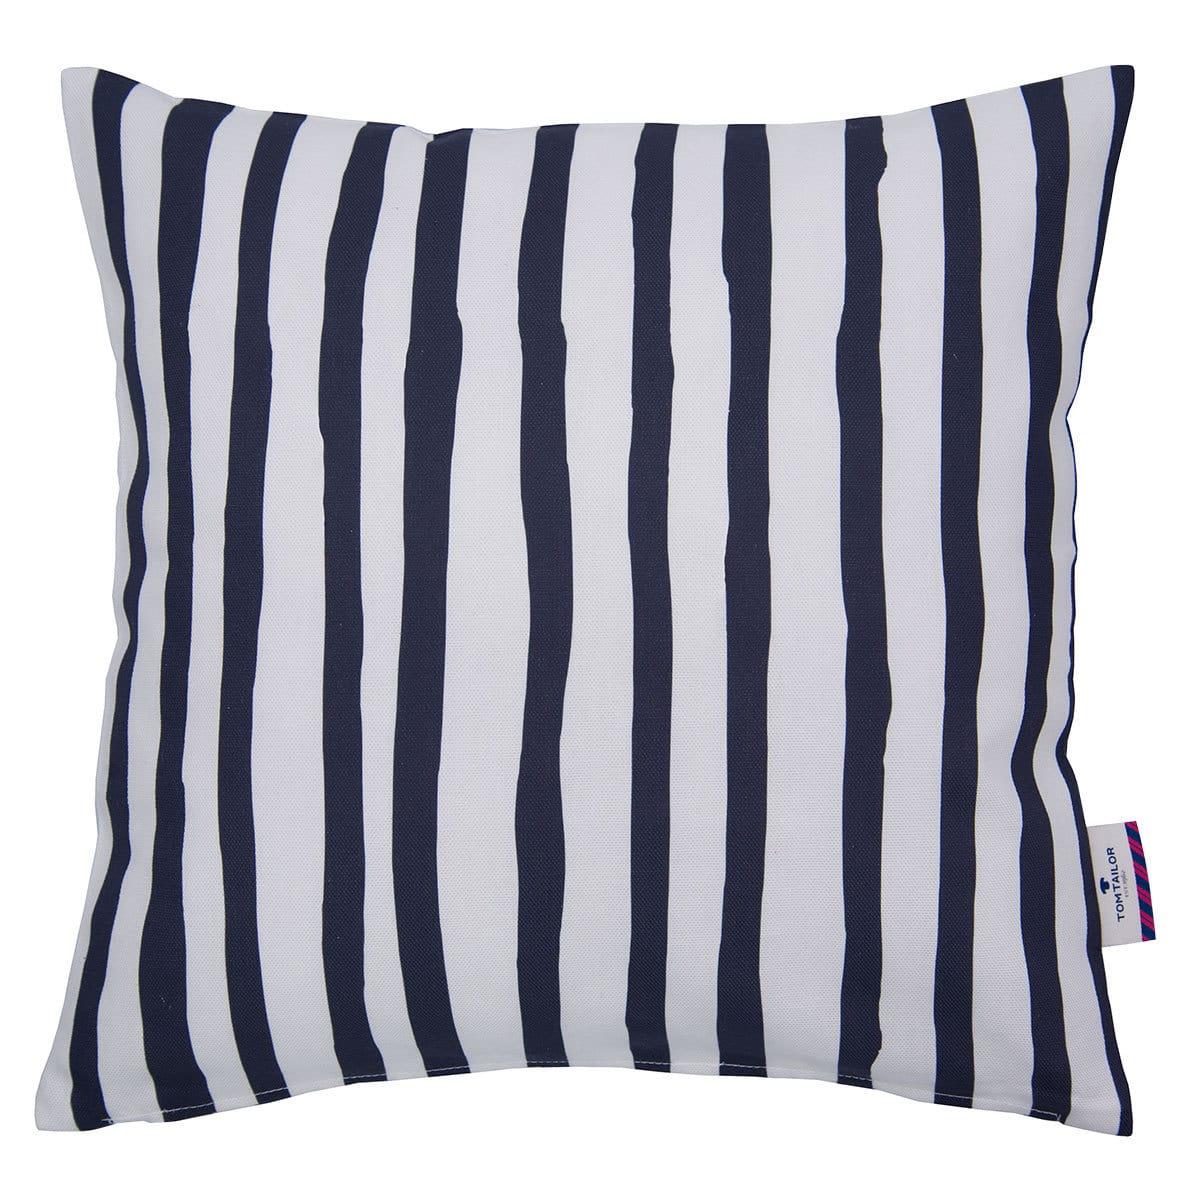 Tom Tailor Kissenhülle Maritime Stripes blau/weiß